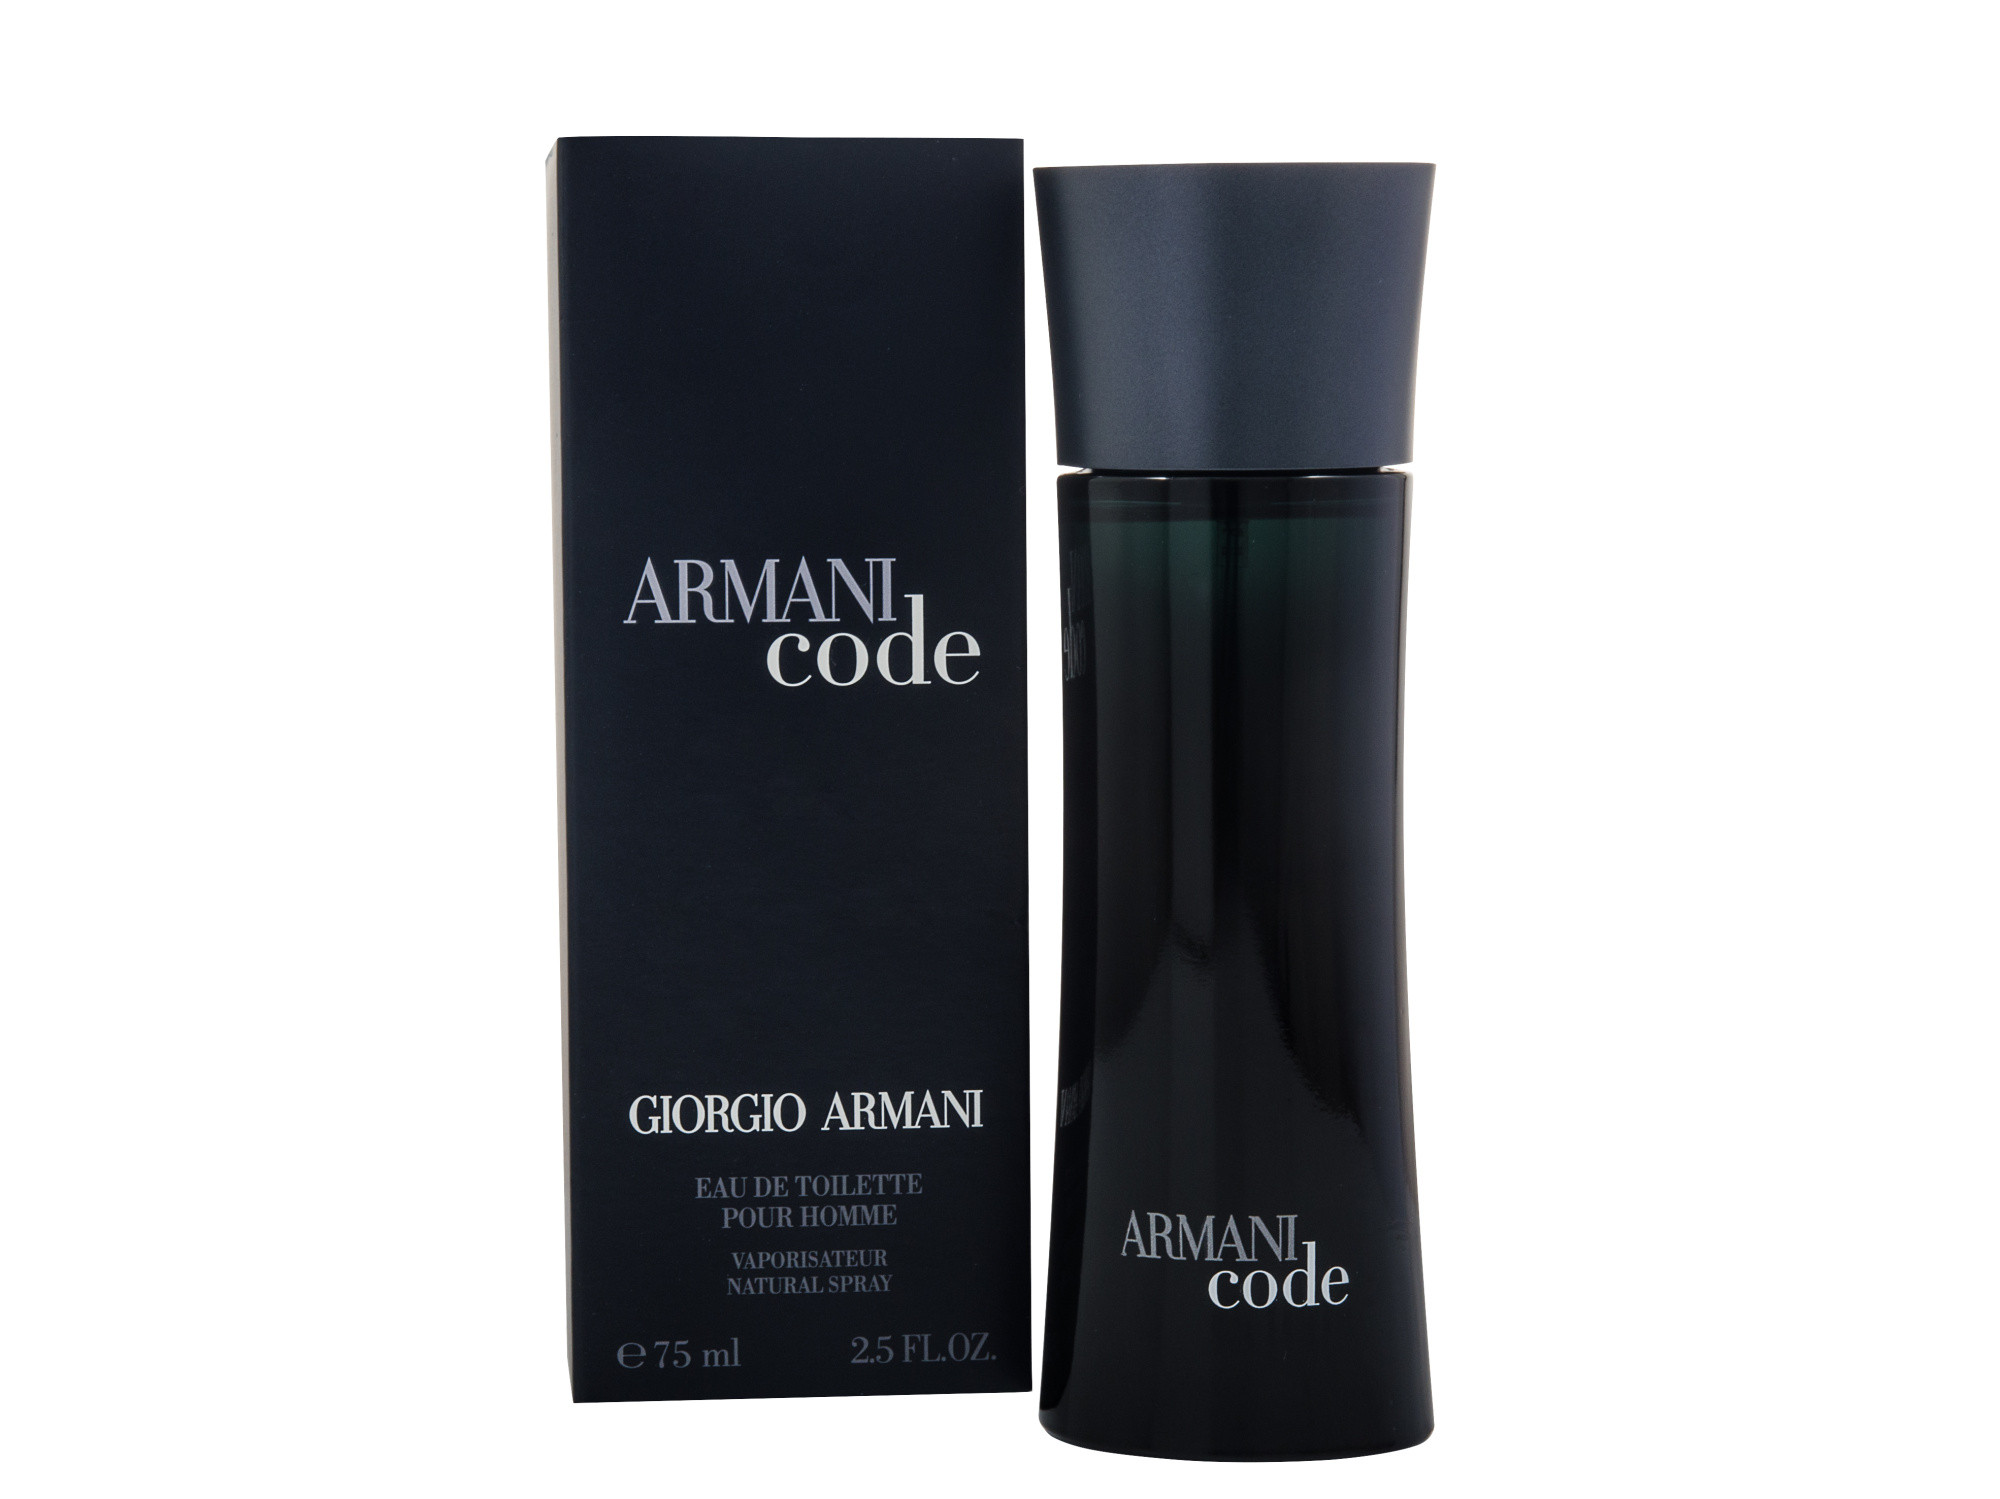 Giorgio Armani Armani Code Edt Spray